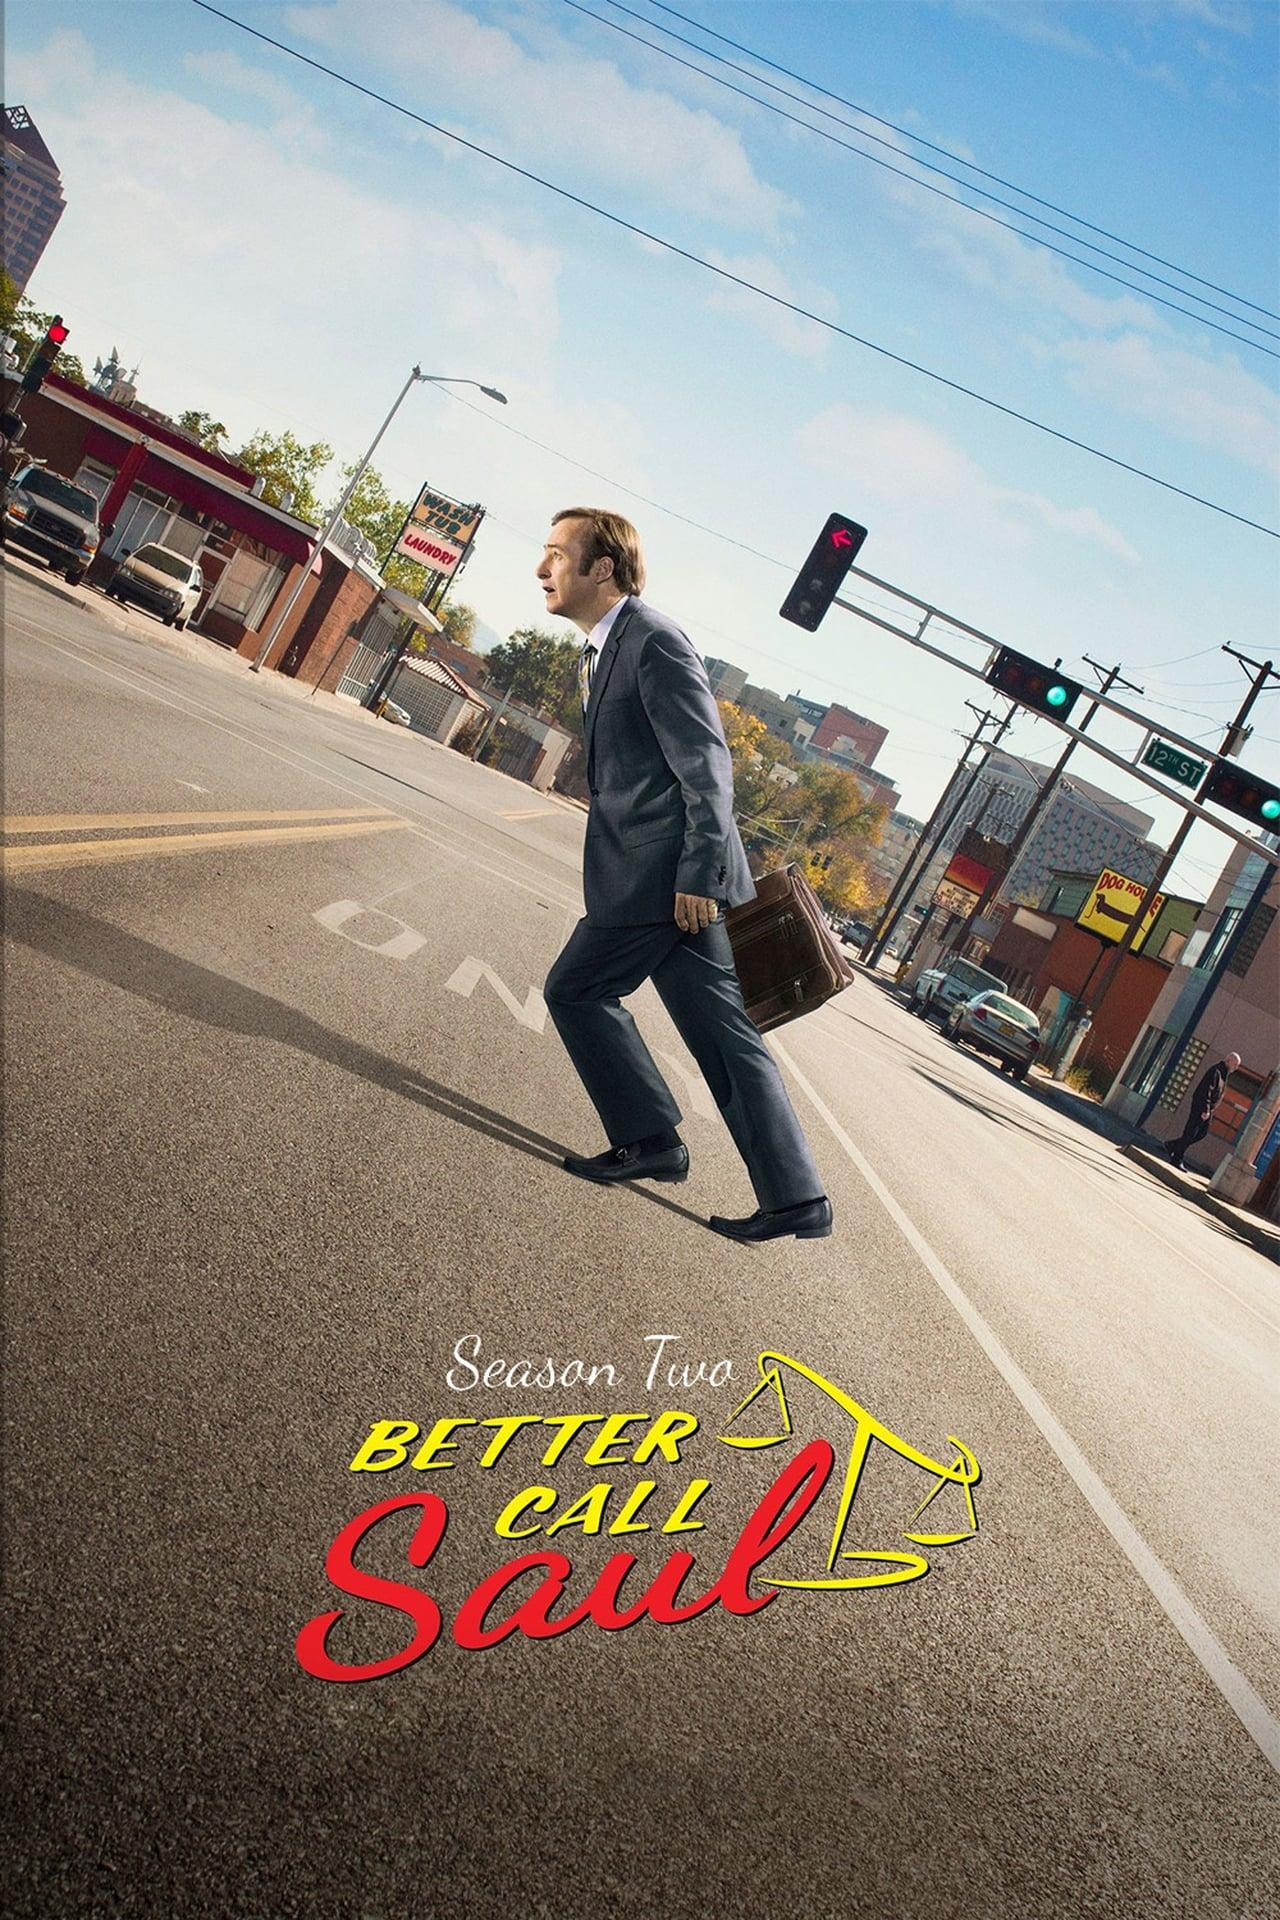 Better Call Saul (2016)